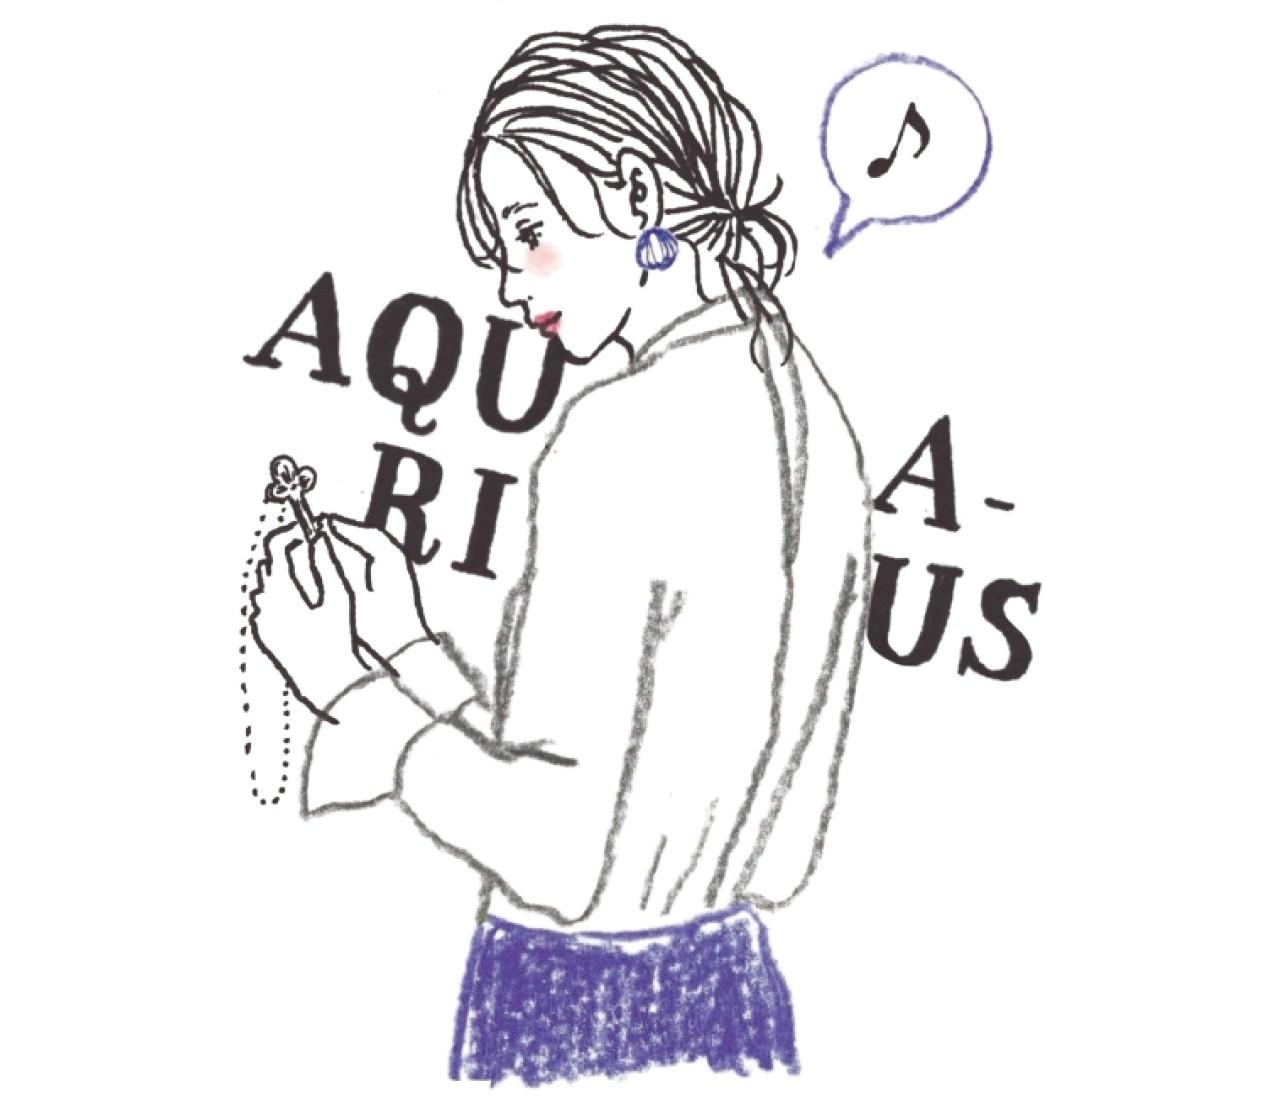 【水瓶座】鏡リュウジの星座占い(2020年10月12日〜11月11日)